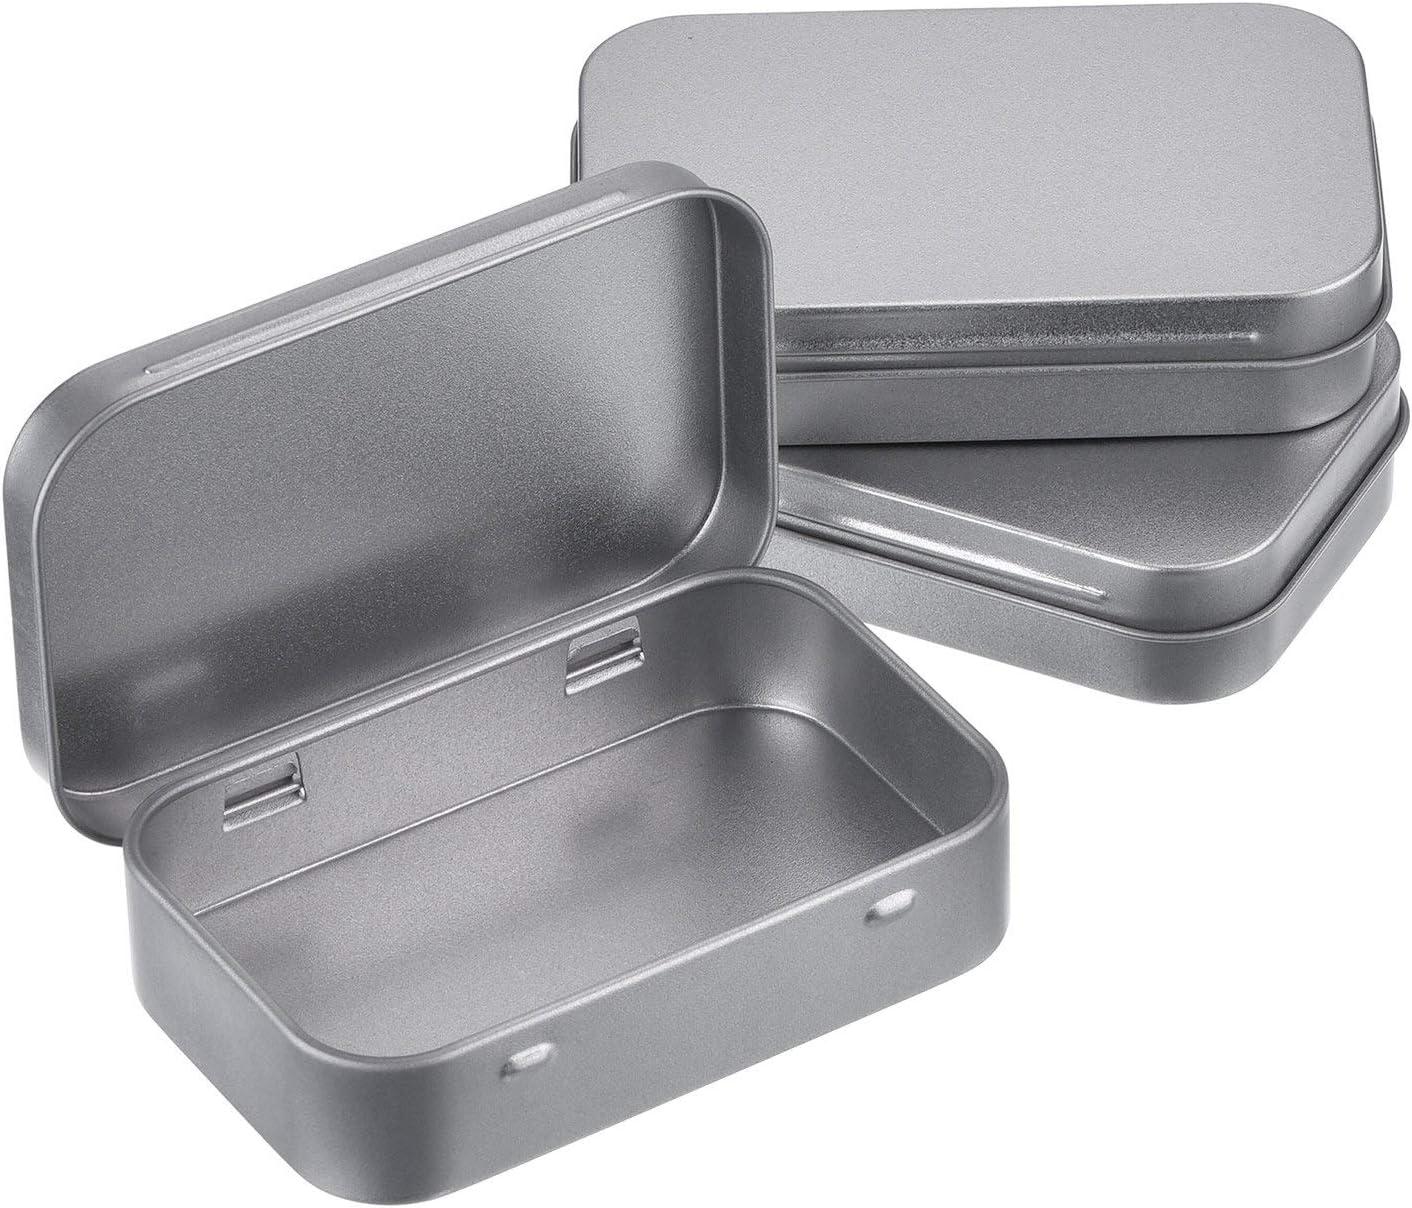 MUCHENG - Juego de 3 Cajas rectangulares de Metal Plateado con bisagras, Cajas de Almacenamiento pequeñas, Caja de Regalo para Manualidades, Organizador del hogar: Amazon.es: Hogar